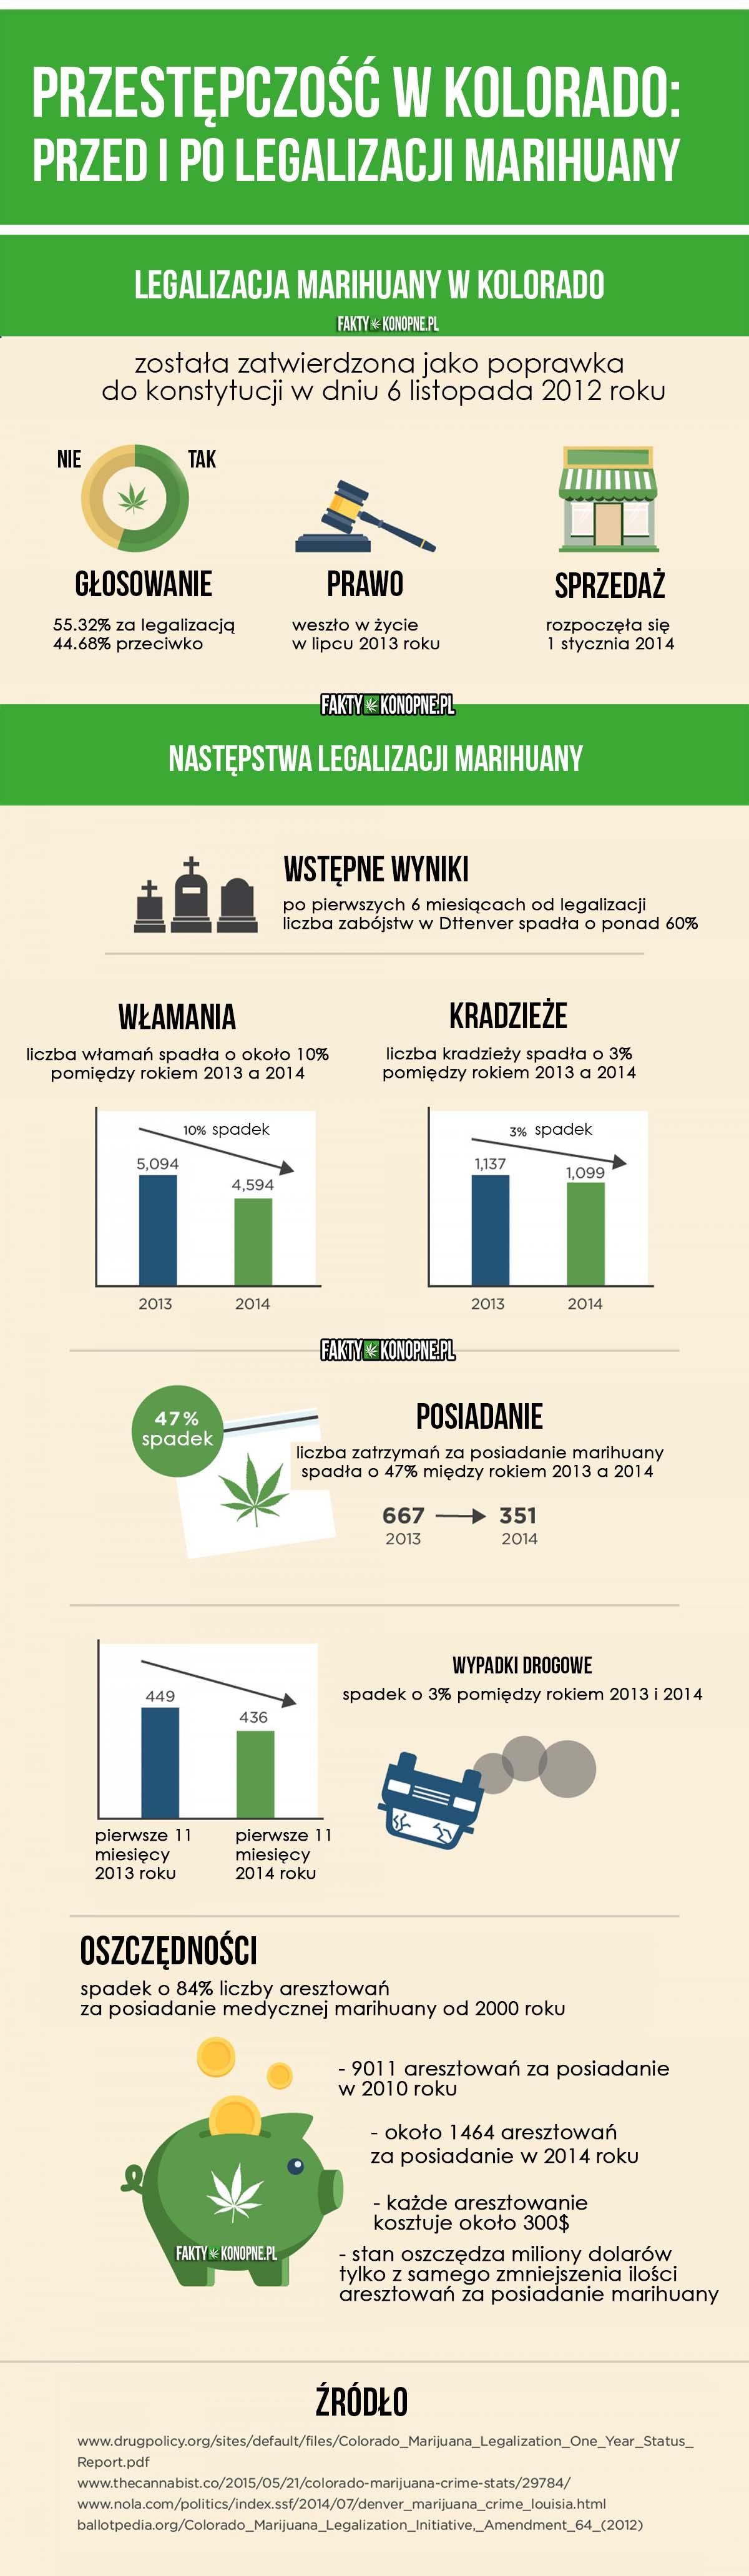 Przestępczość w Kolorado – Przed i Po Legalizacji Marihuany, jamaica.com.pl